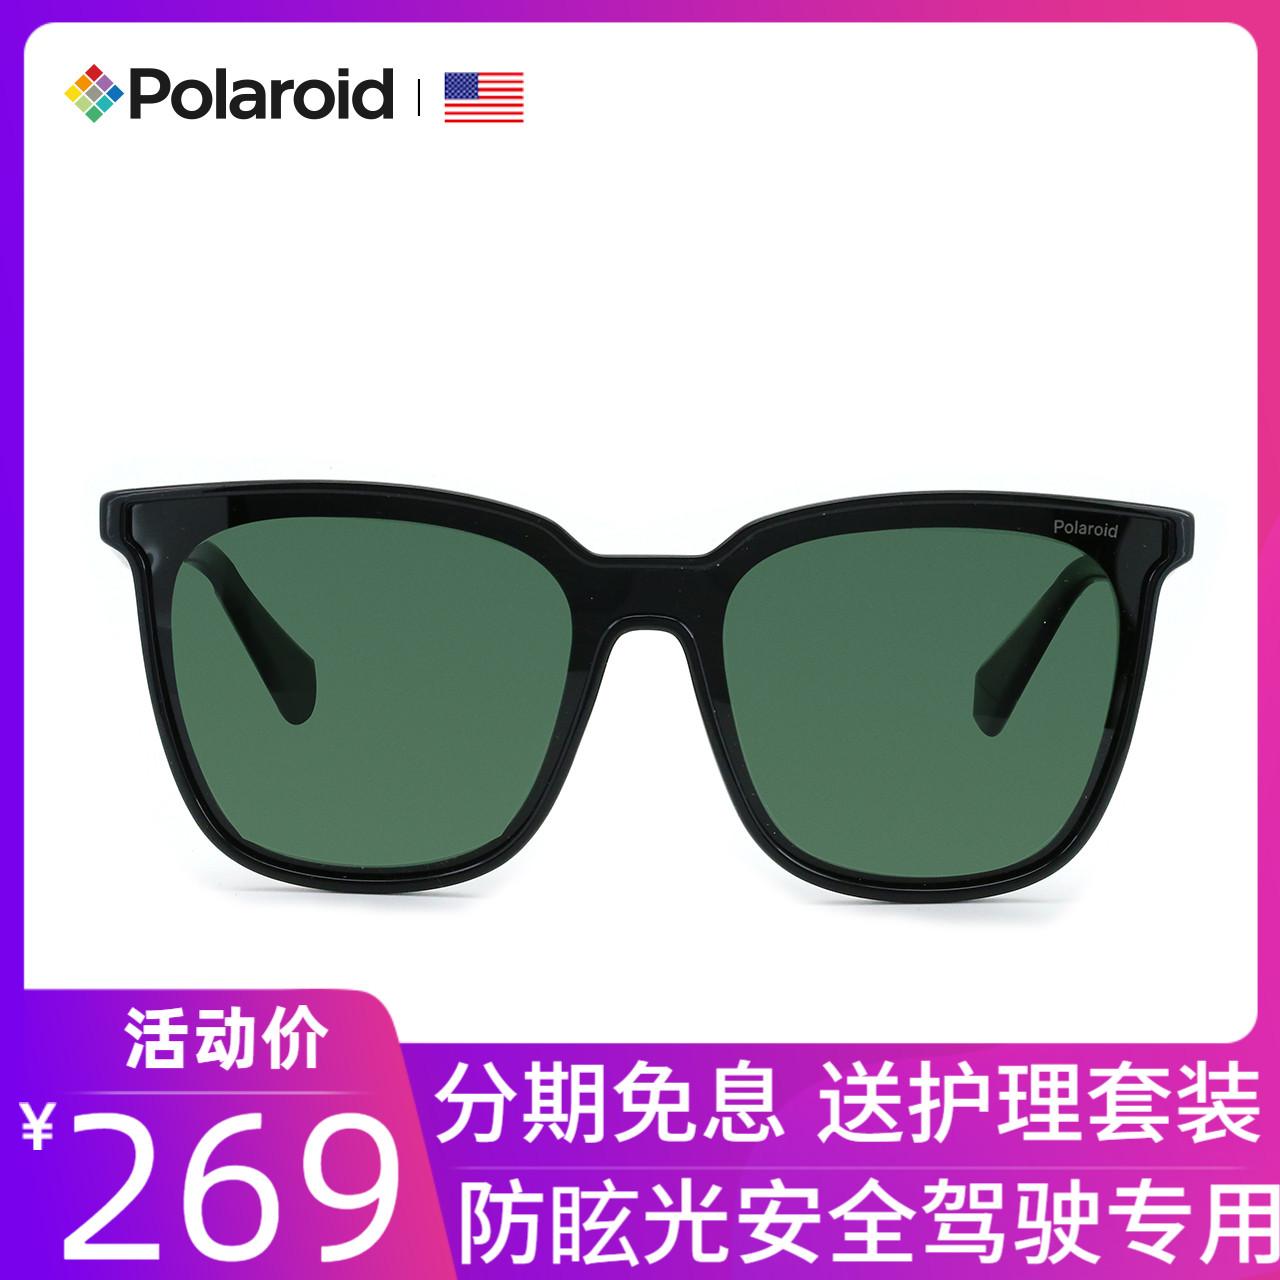 宝丽来偏光太阳眼镜男女2021年新款大脸时尚防紫外线驾驶墨镜6154